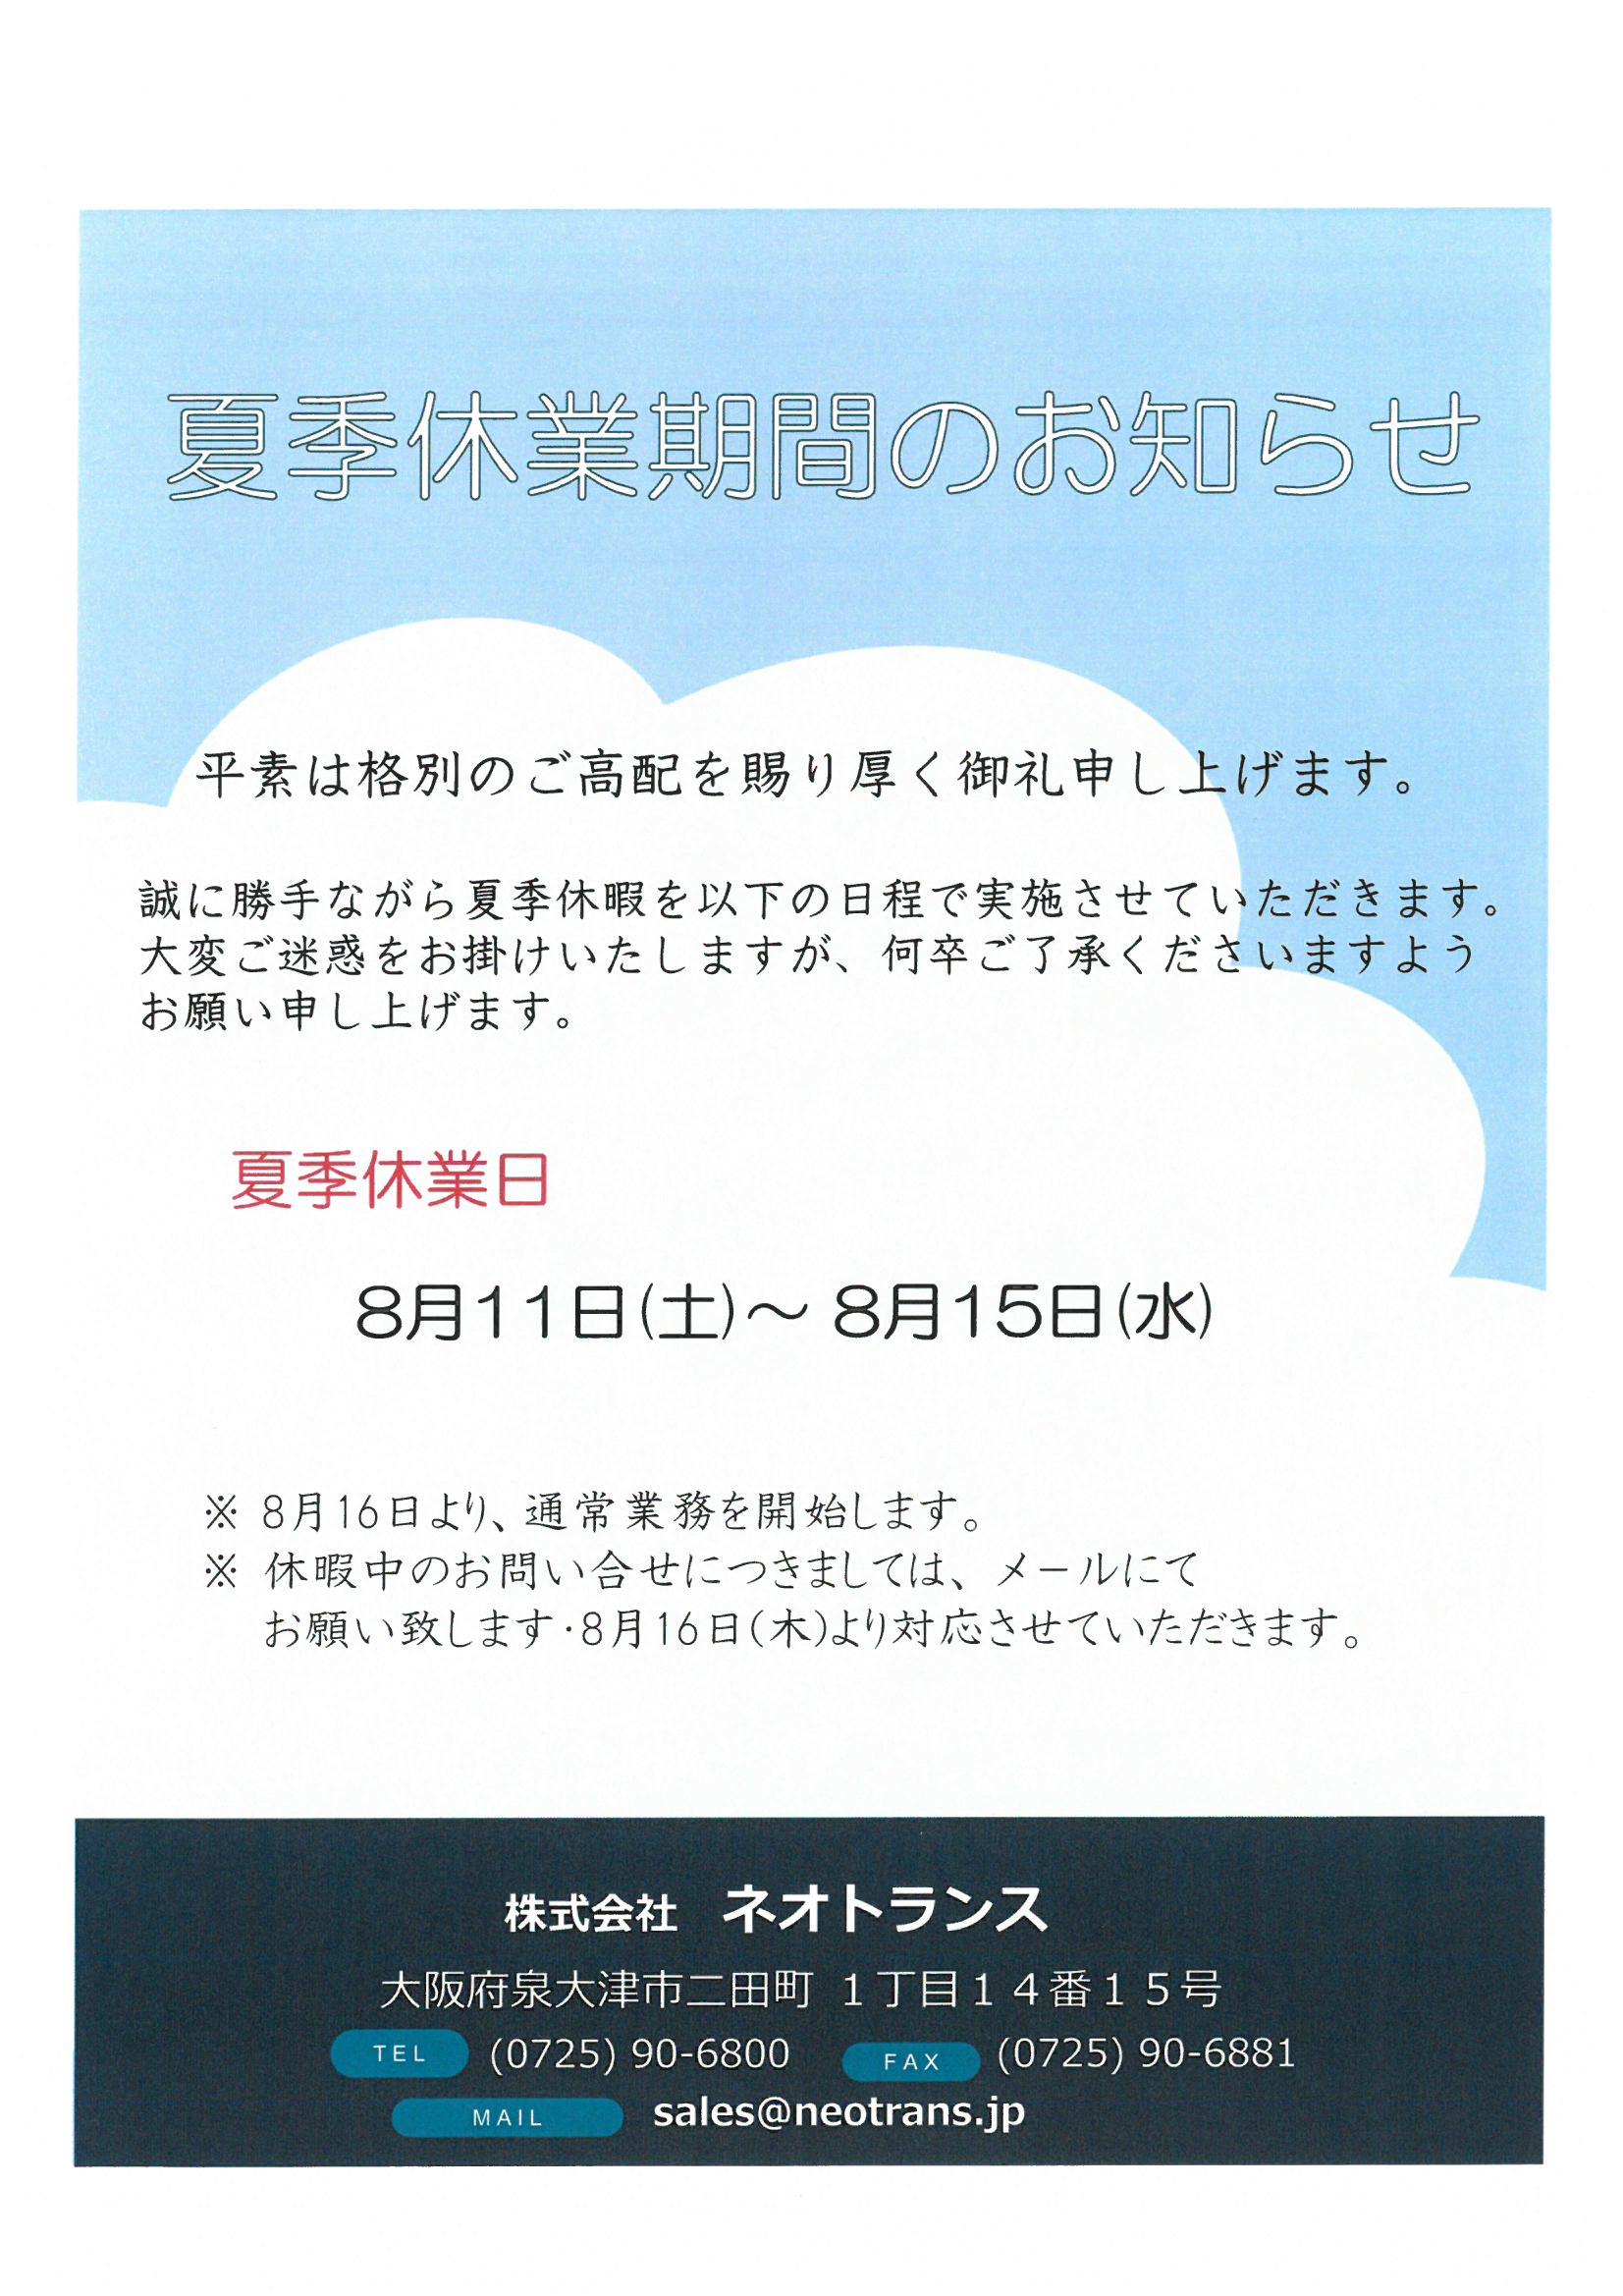 http://www.neotrans.jp/newsblog/SKM_C284e18080914440_0001.jpg